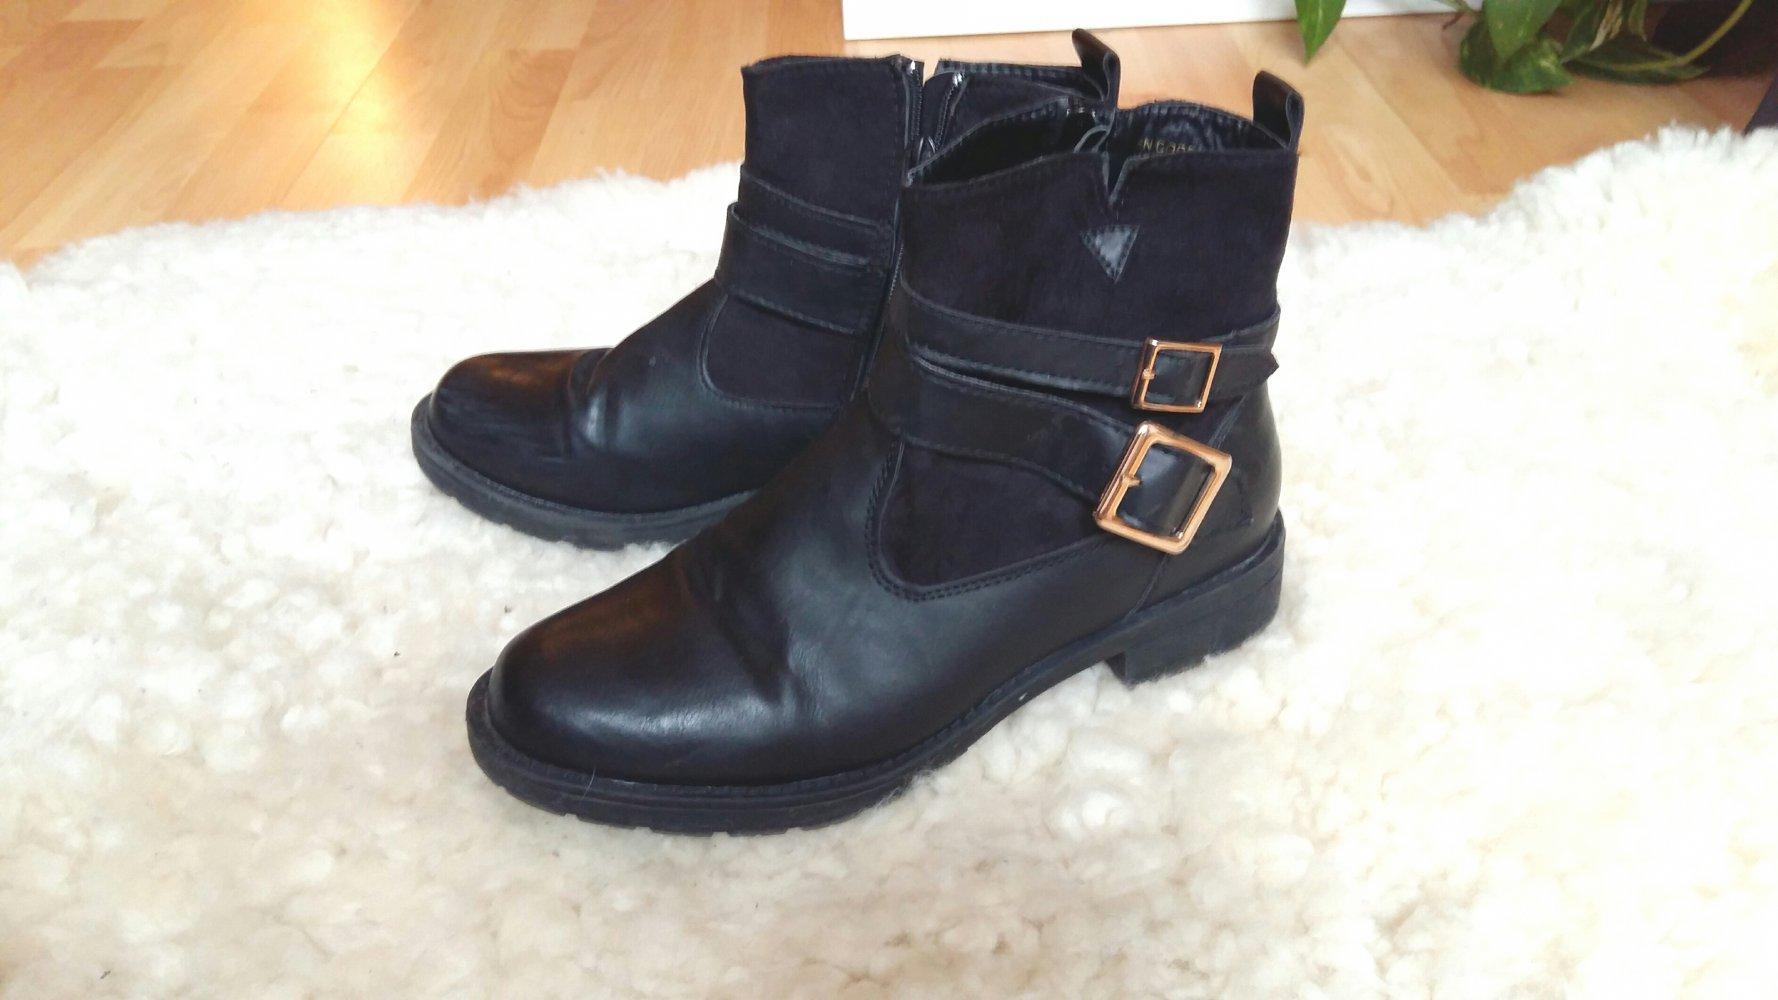 best service 0ae0e 6290a schwarze Stiefeletten / Biker Boots / Ankle Boots mit Schnallen